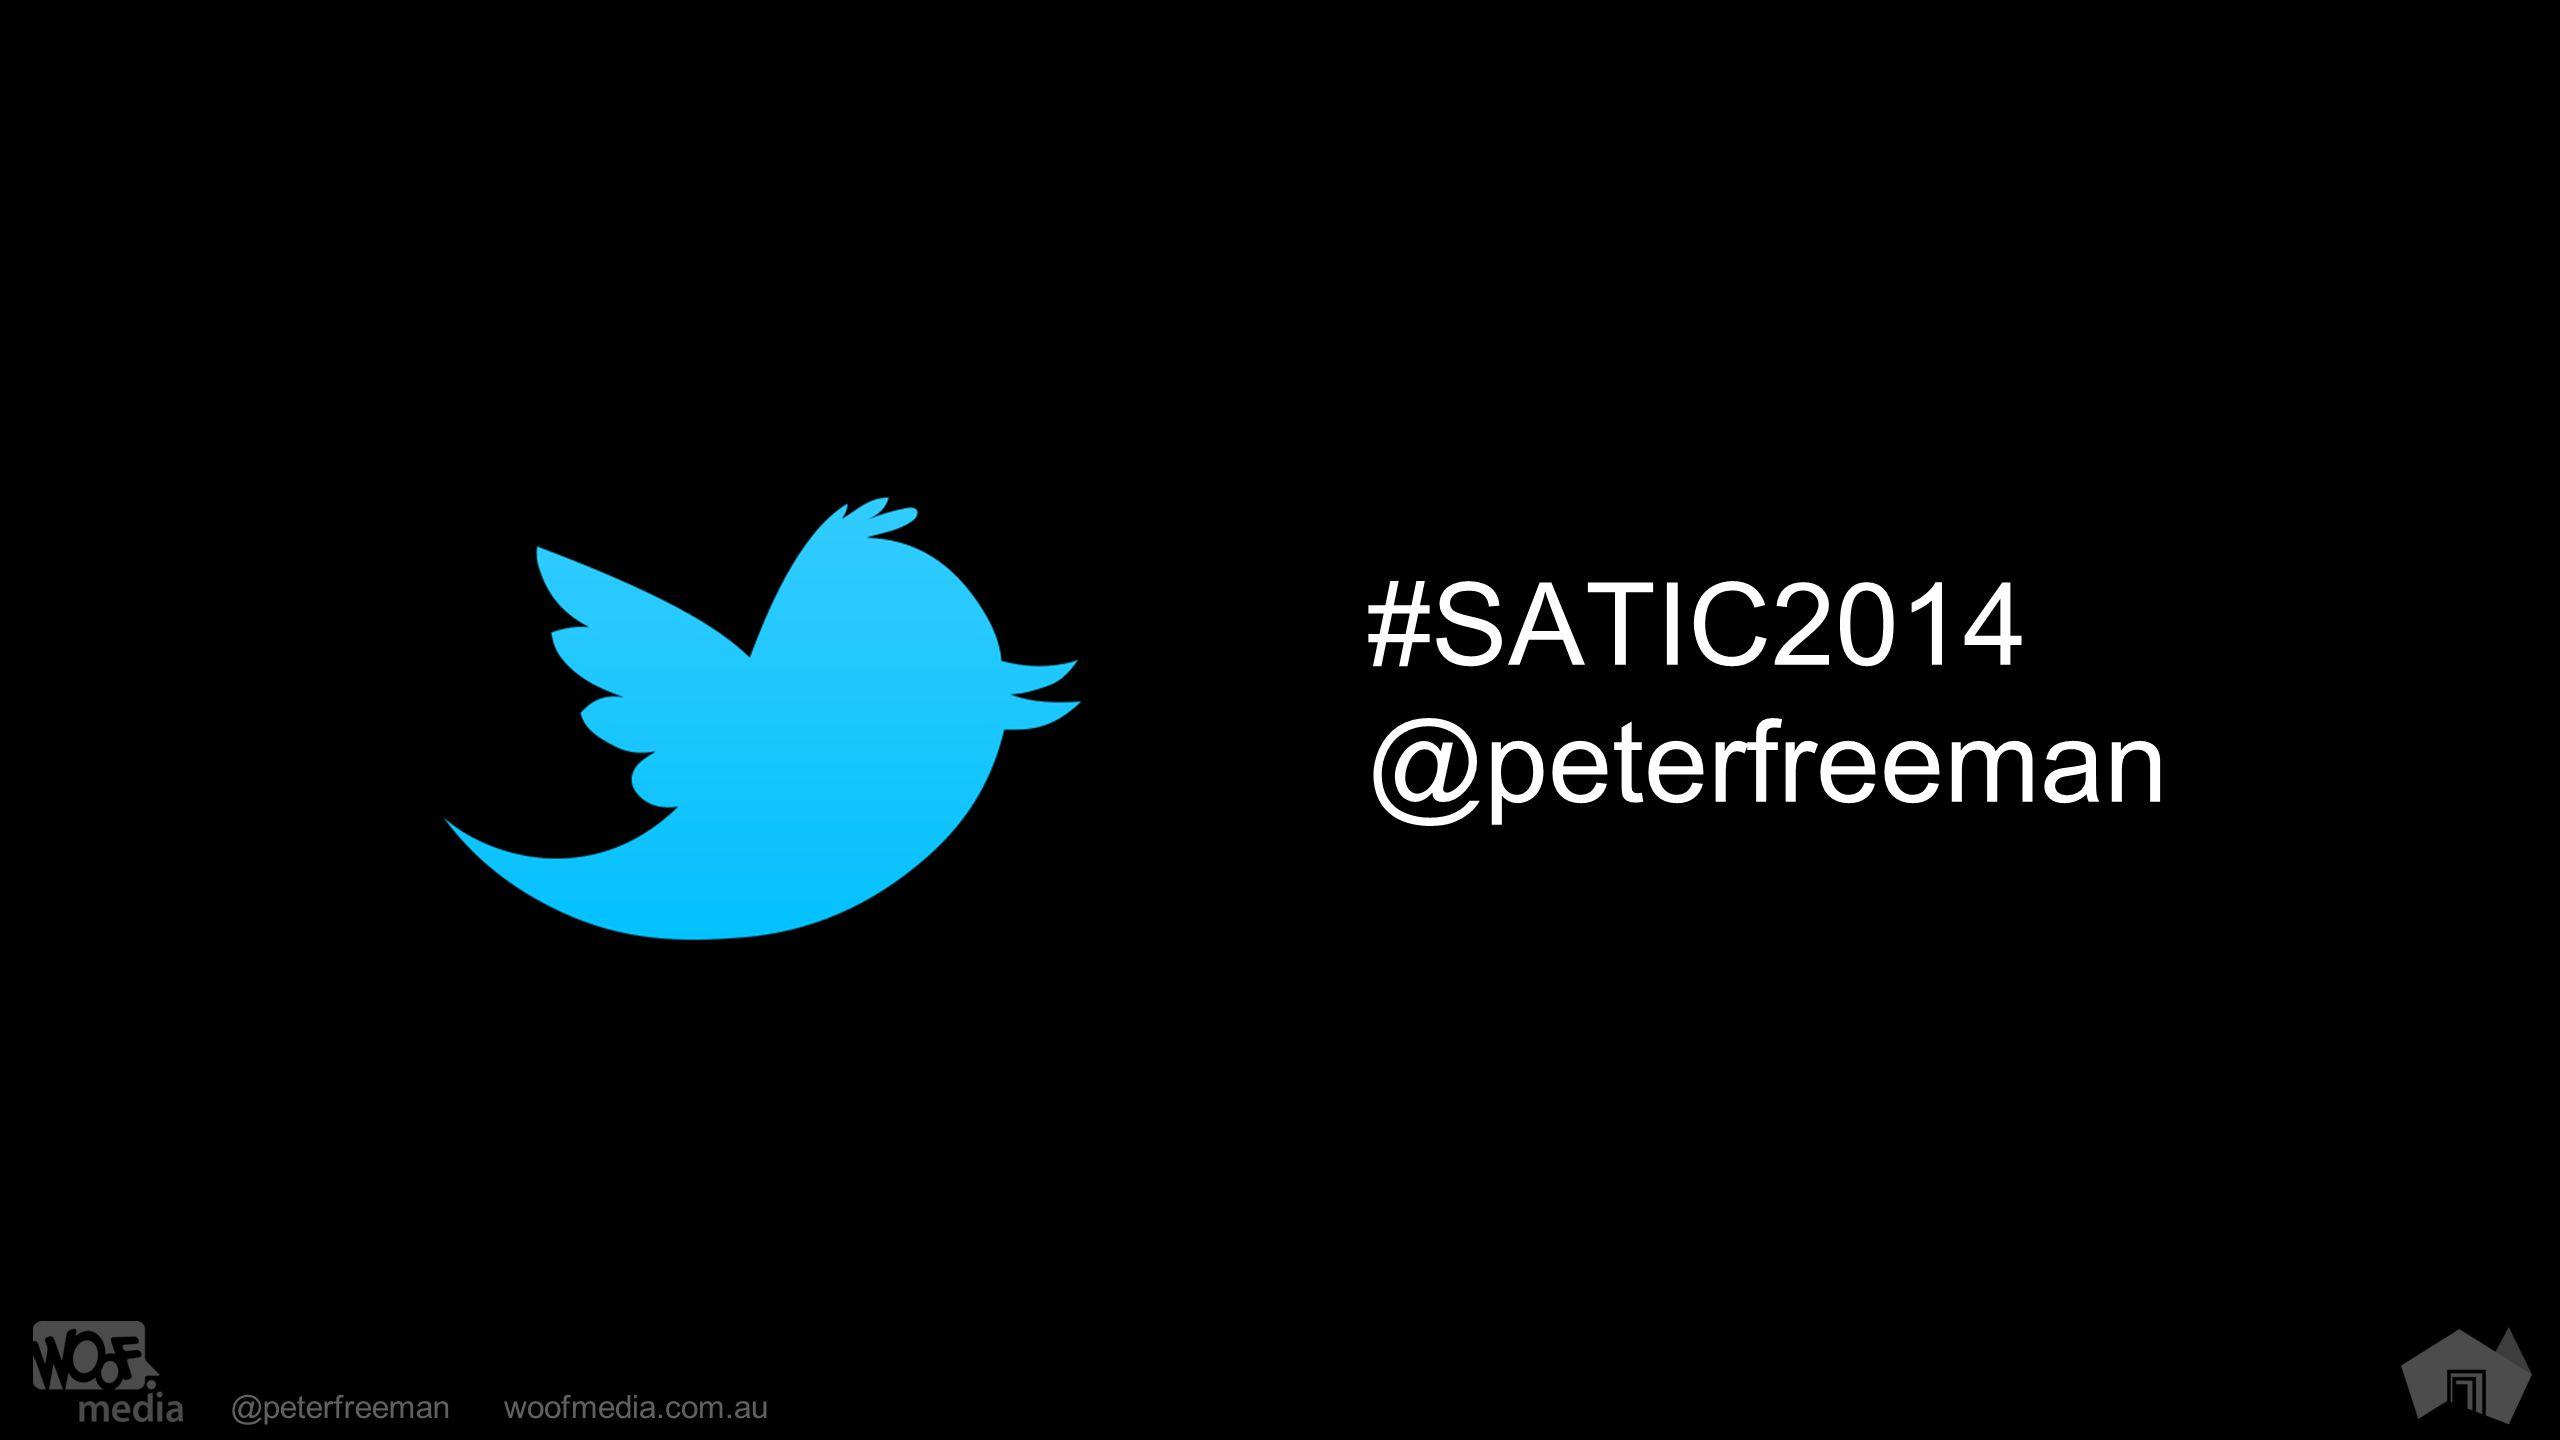 @peterfreemanwoofmedia.com.au #SATIC2014 @peterfreeman